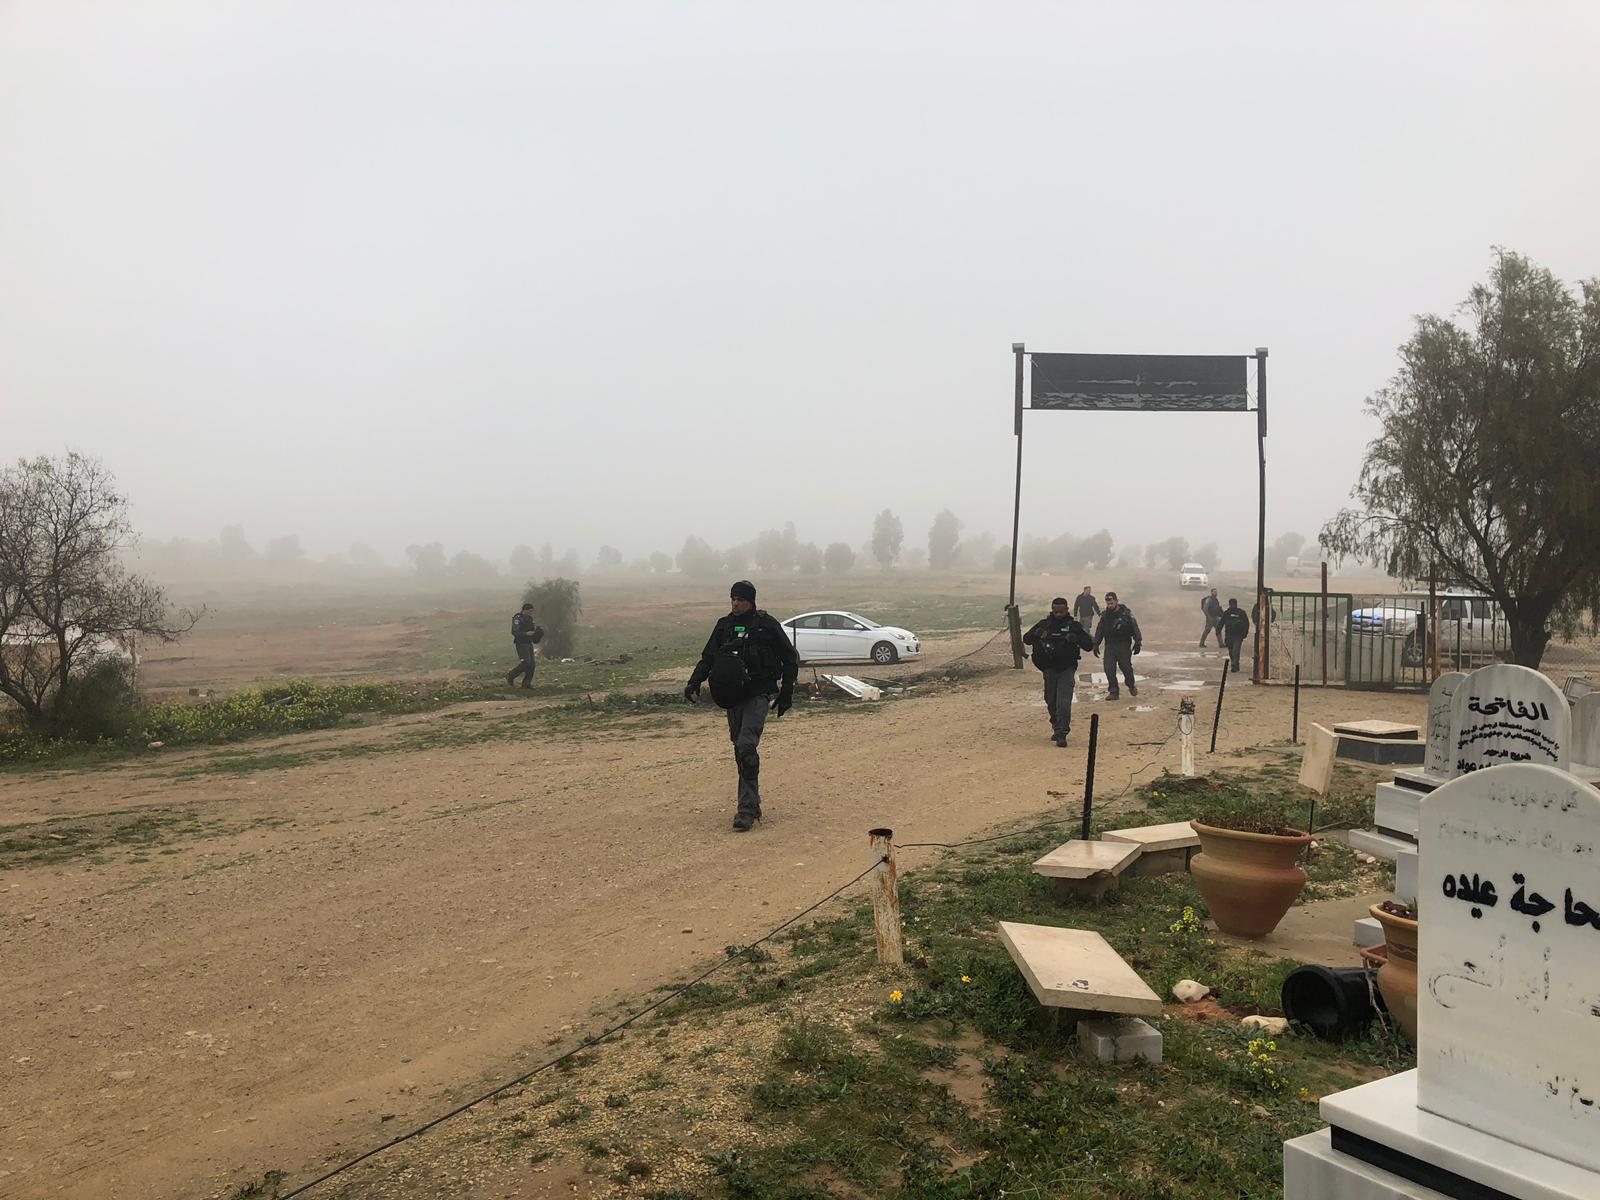 النقب: اعتقالات بعد اقتحام العراقيب وهدم مساكنها للمرة 140